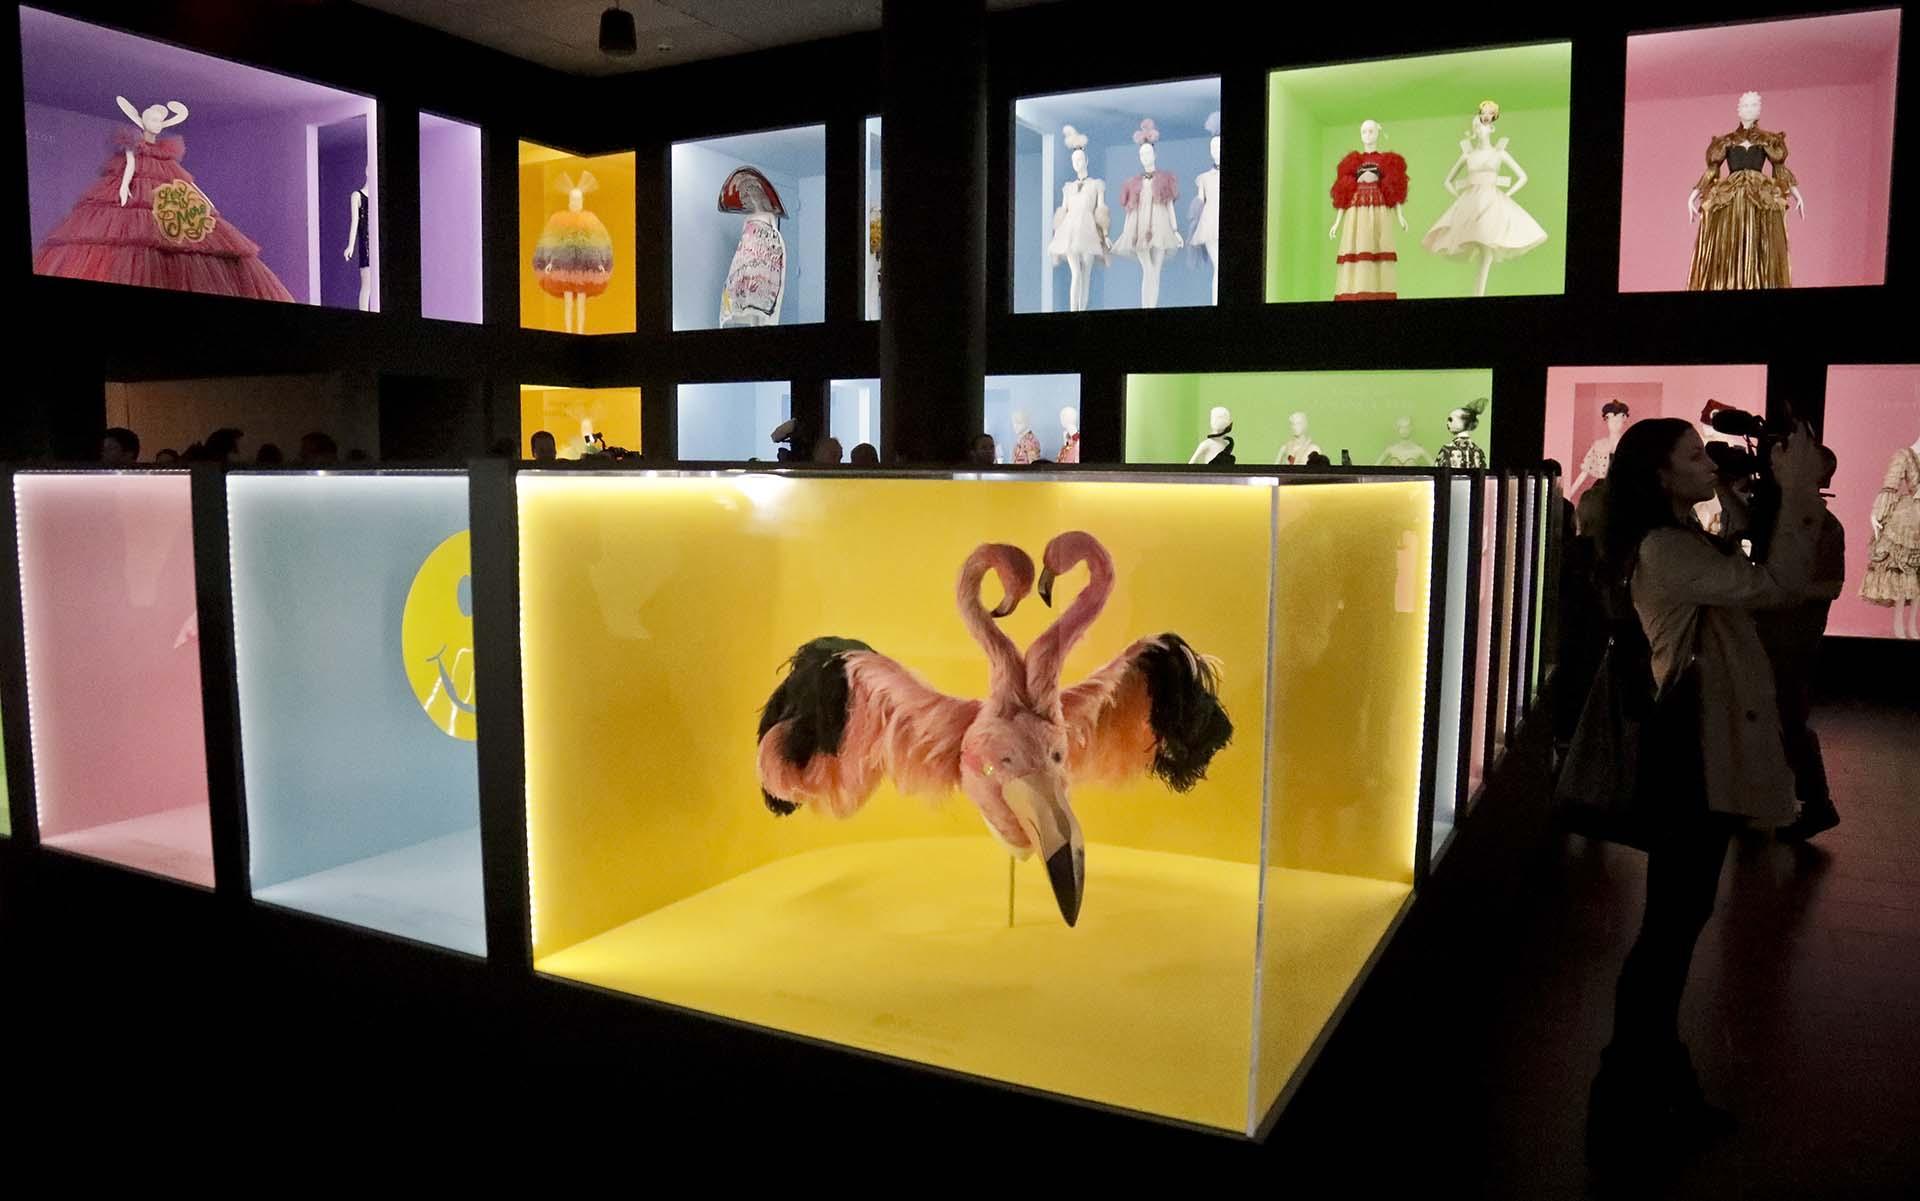 Diseños fashionistas exhibidos en la muestra y dispuestos en cubos de colores